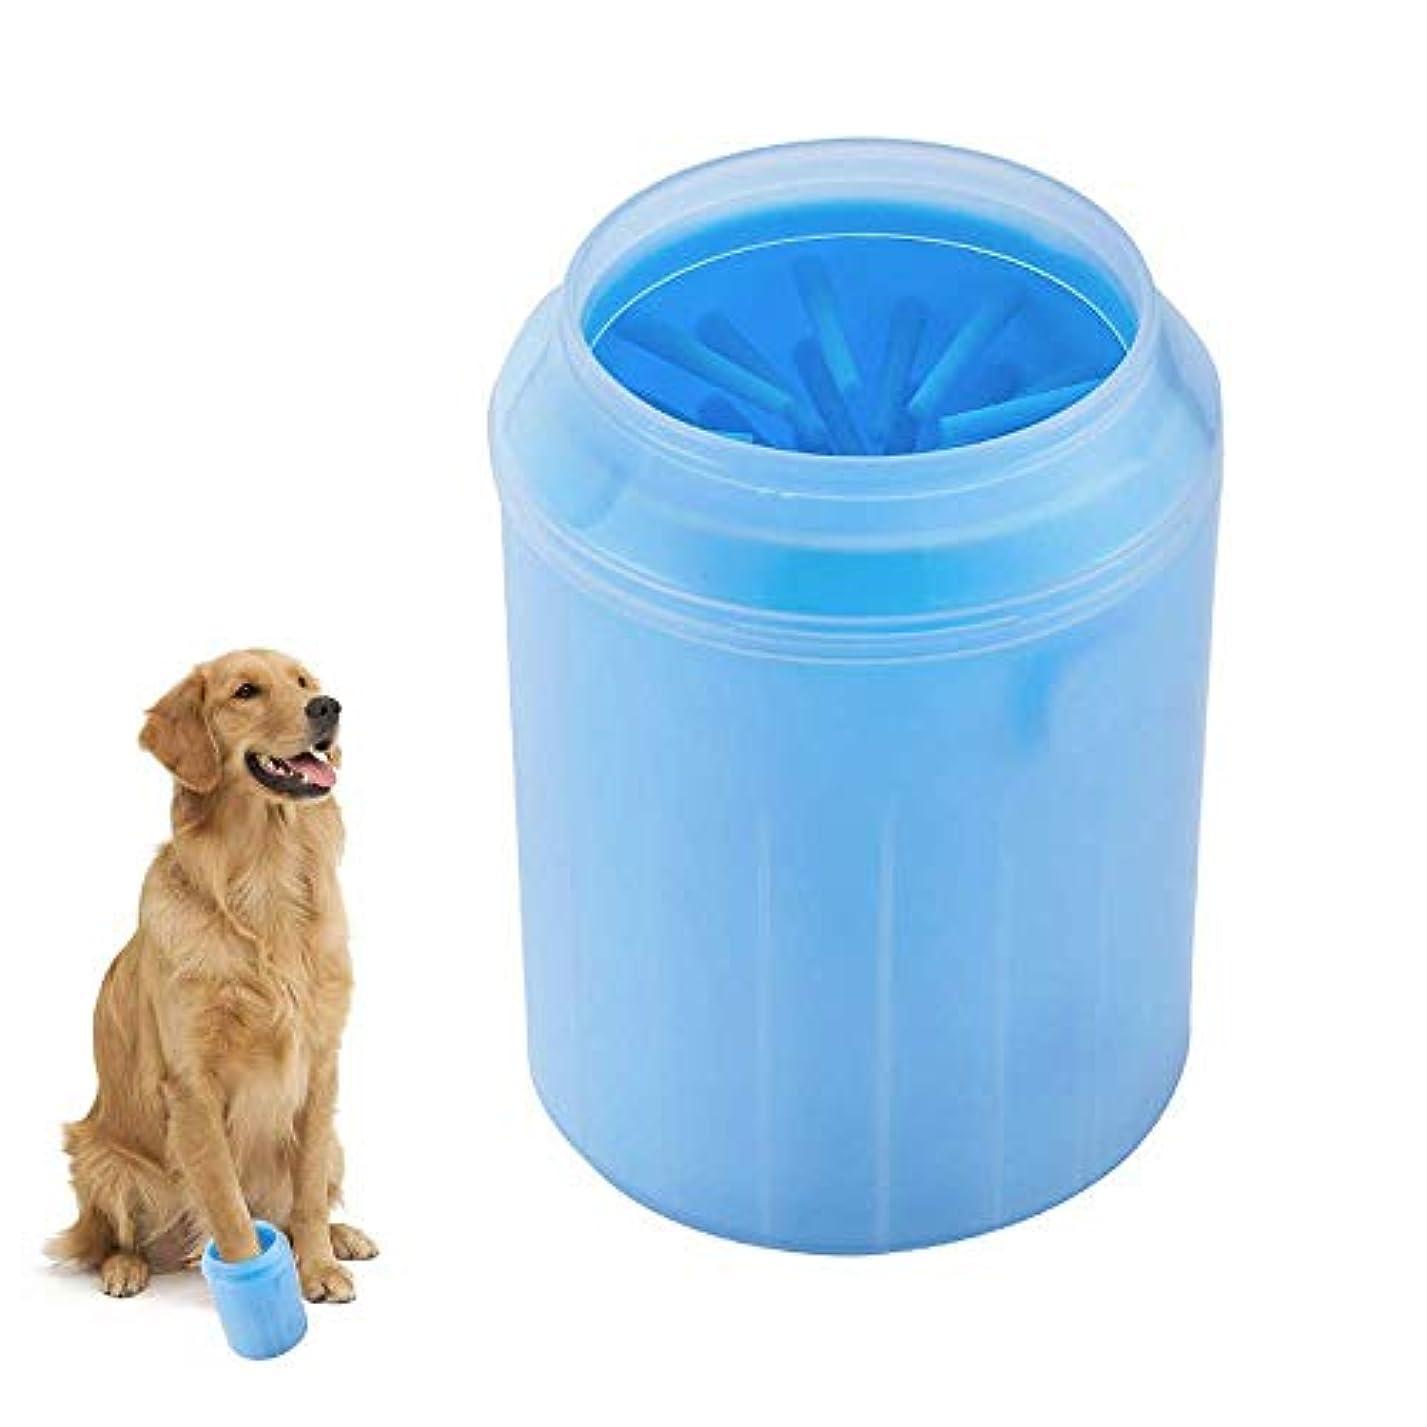 ボウリング特派員司令官ペット用 足洗いカップ 犬用 猫用 足 クリーナー 使いやすい 抗菌シリコーン製 マッサージ効果 携帯便利 小型中型大型 犬